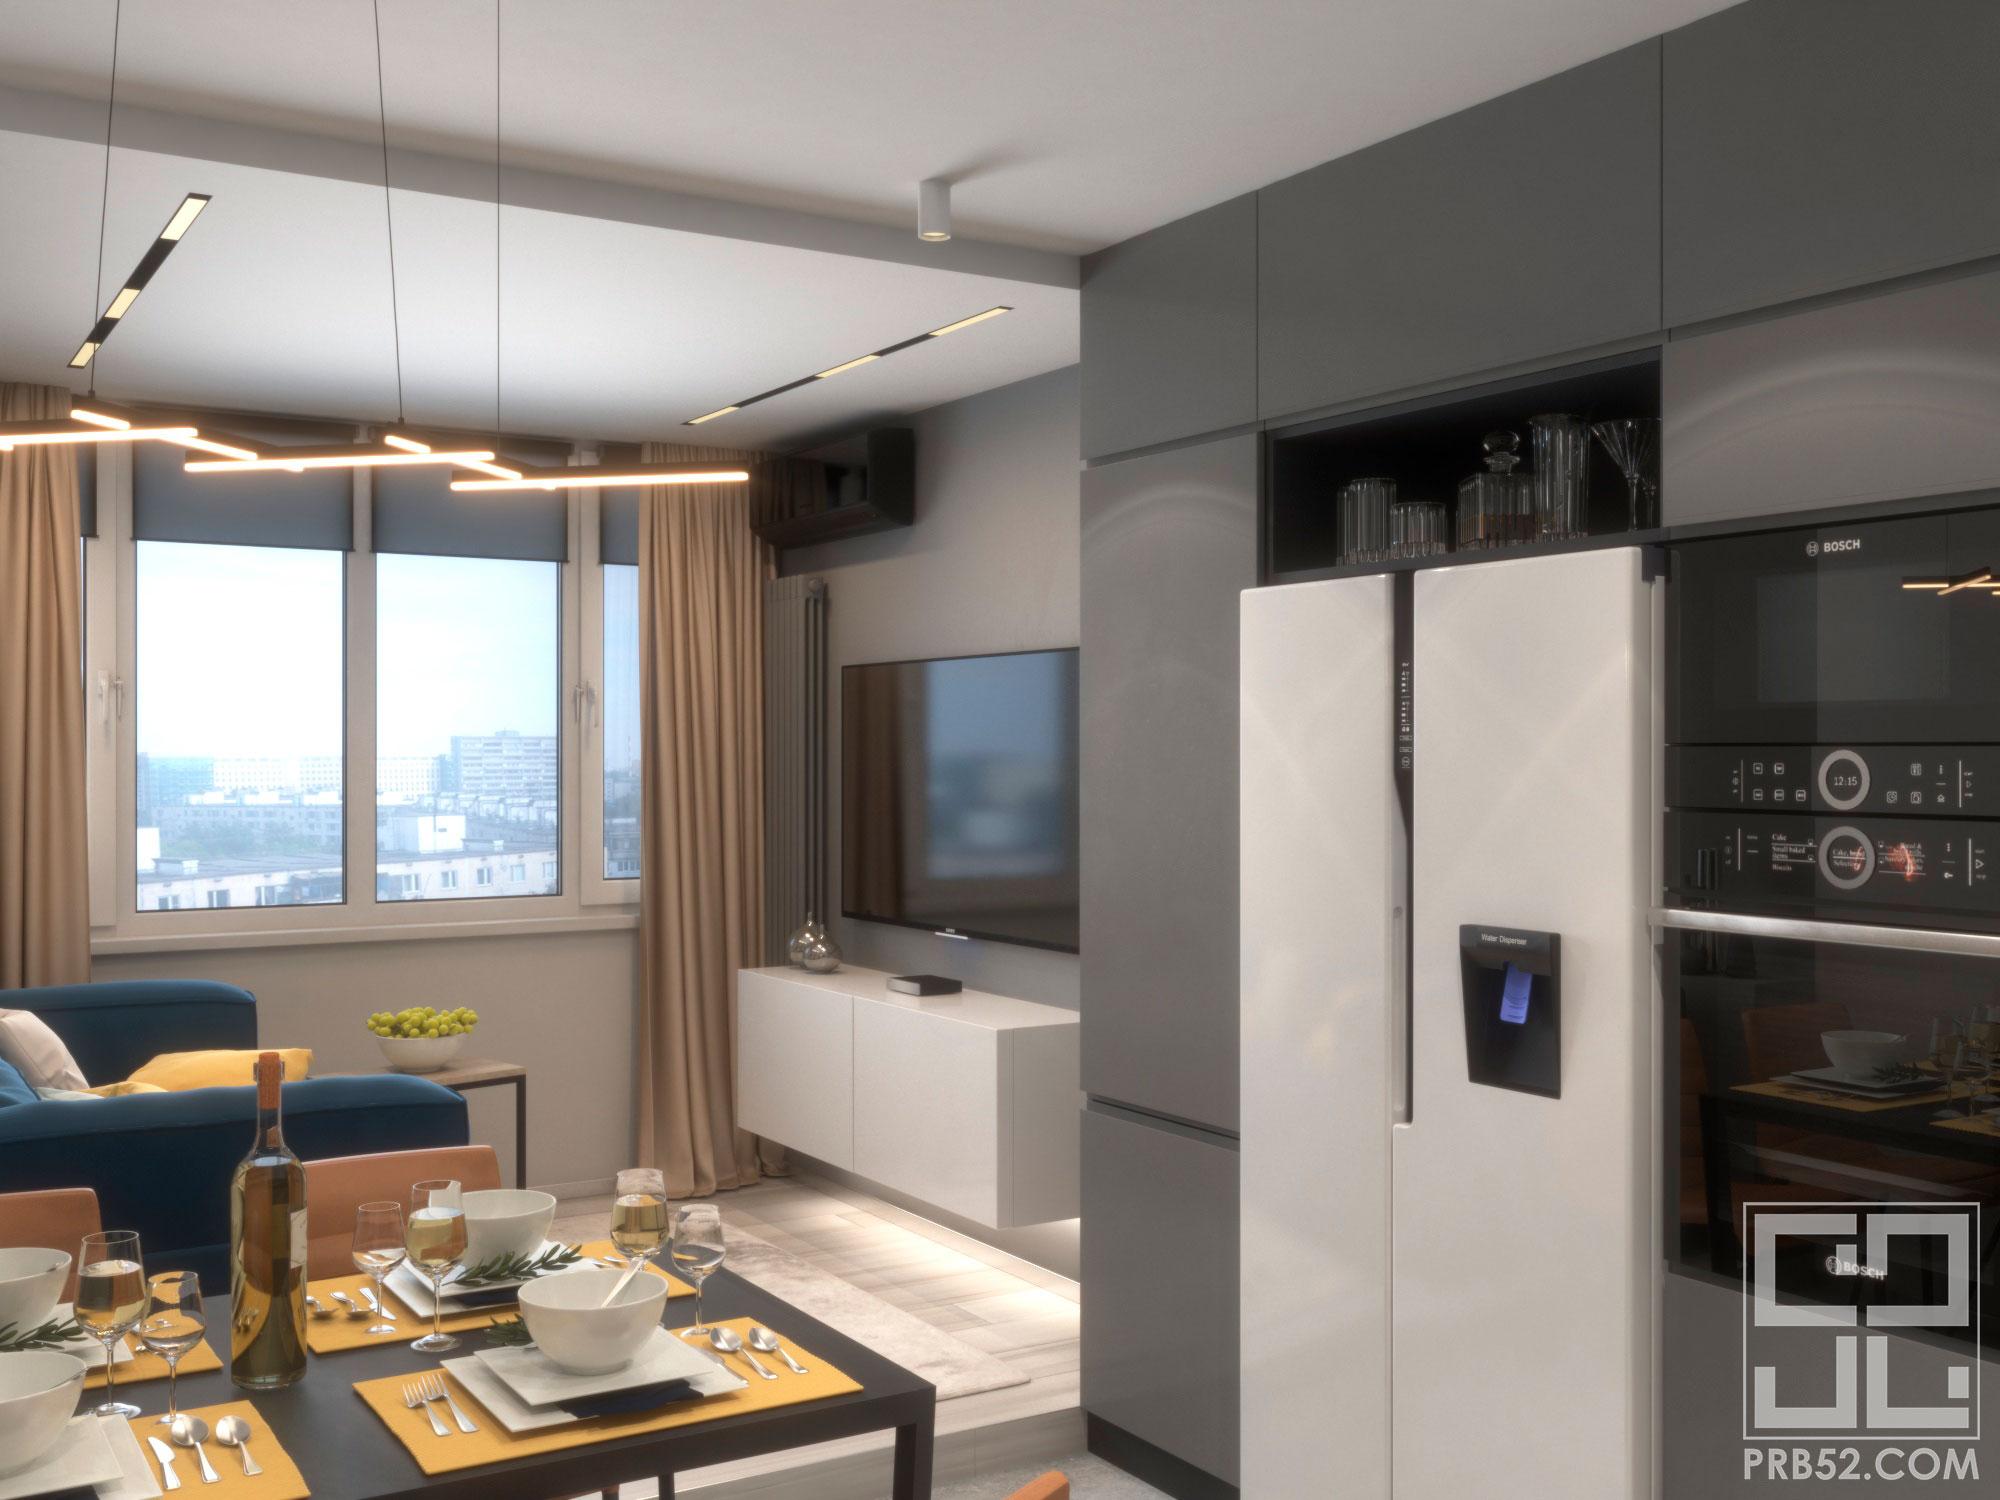 кухня дизайн интерьер в квартире